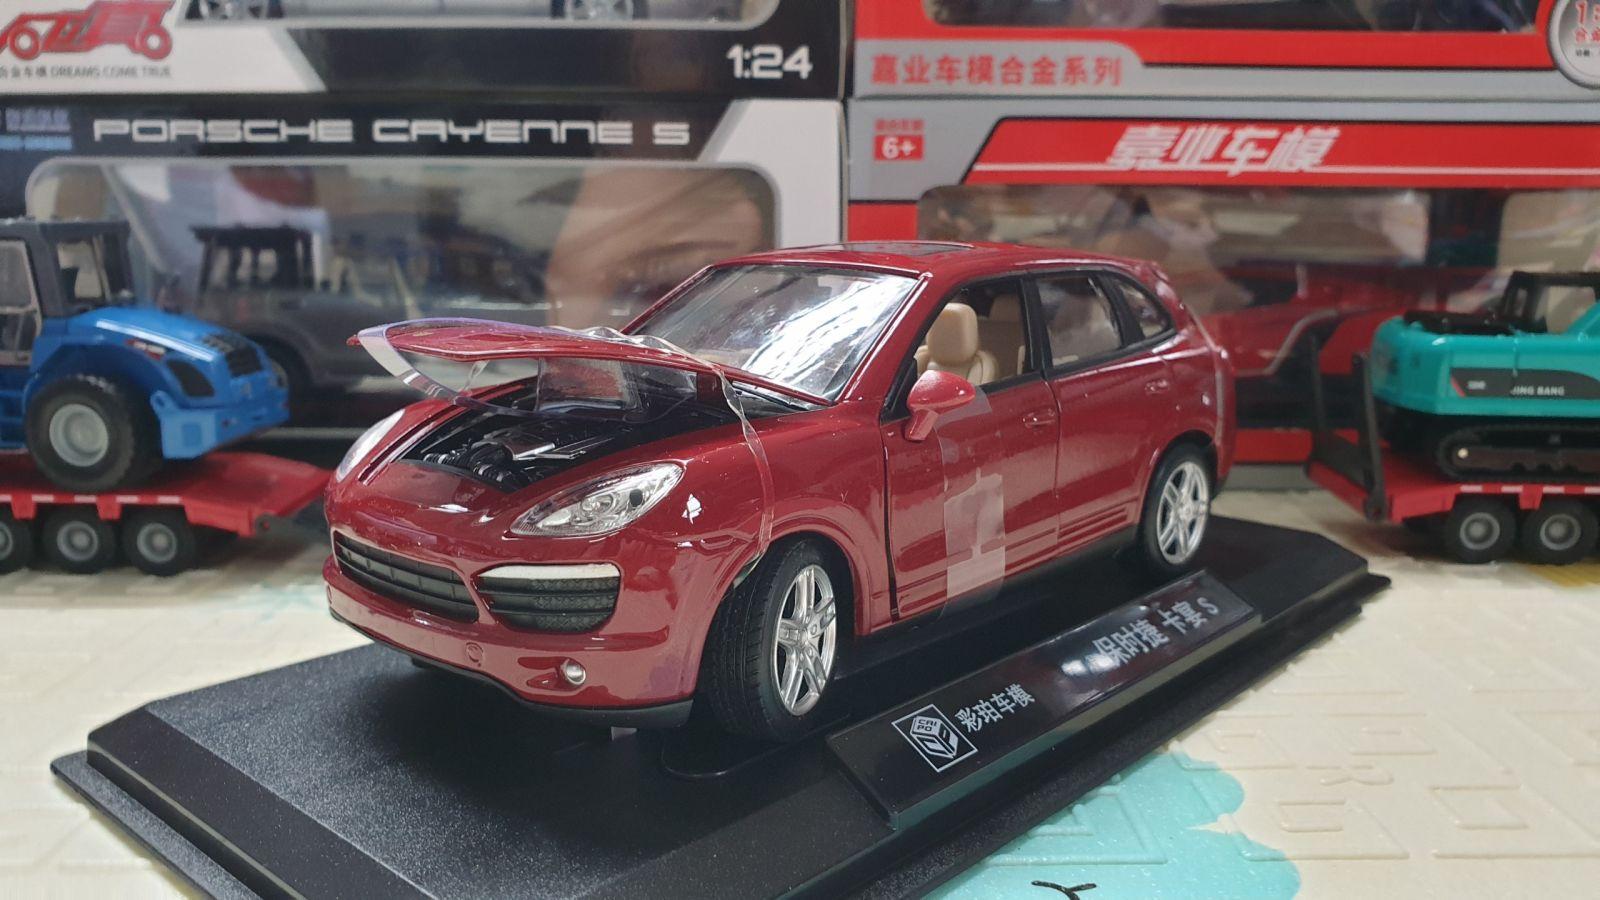 Mô Hình Xe Porsche Cayenne 1:24 Màu Đỏ Mận